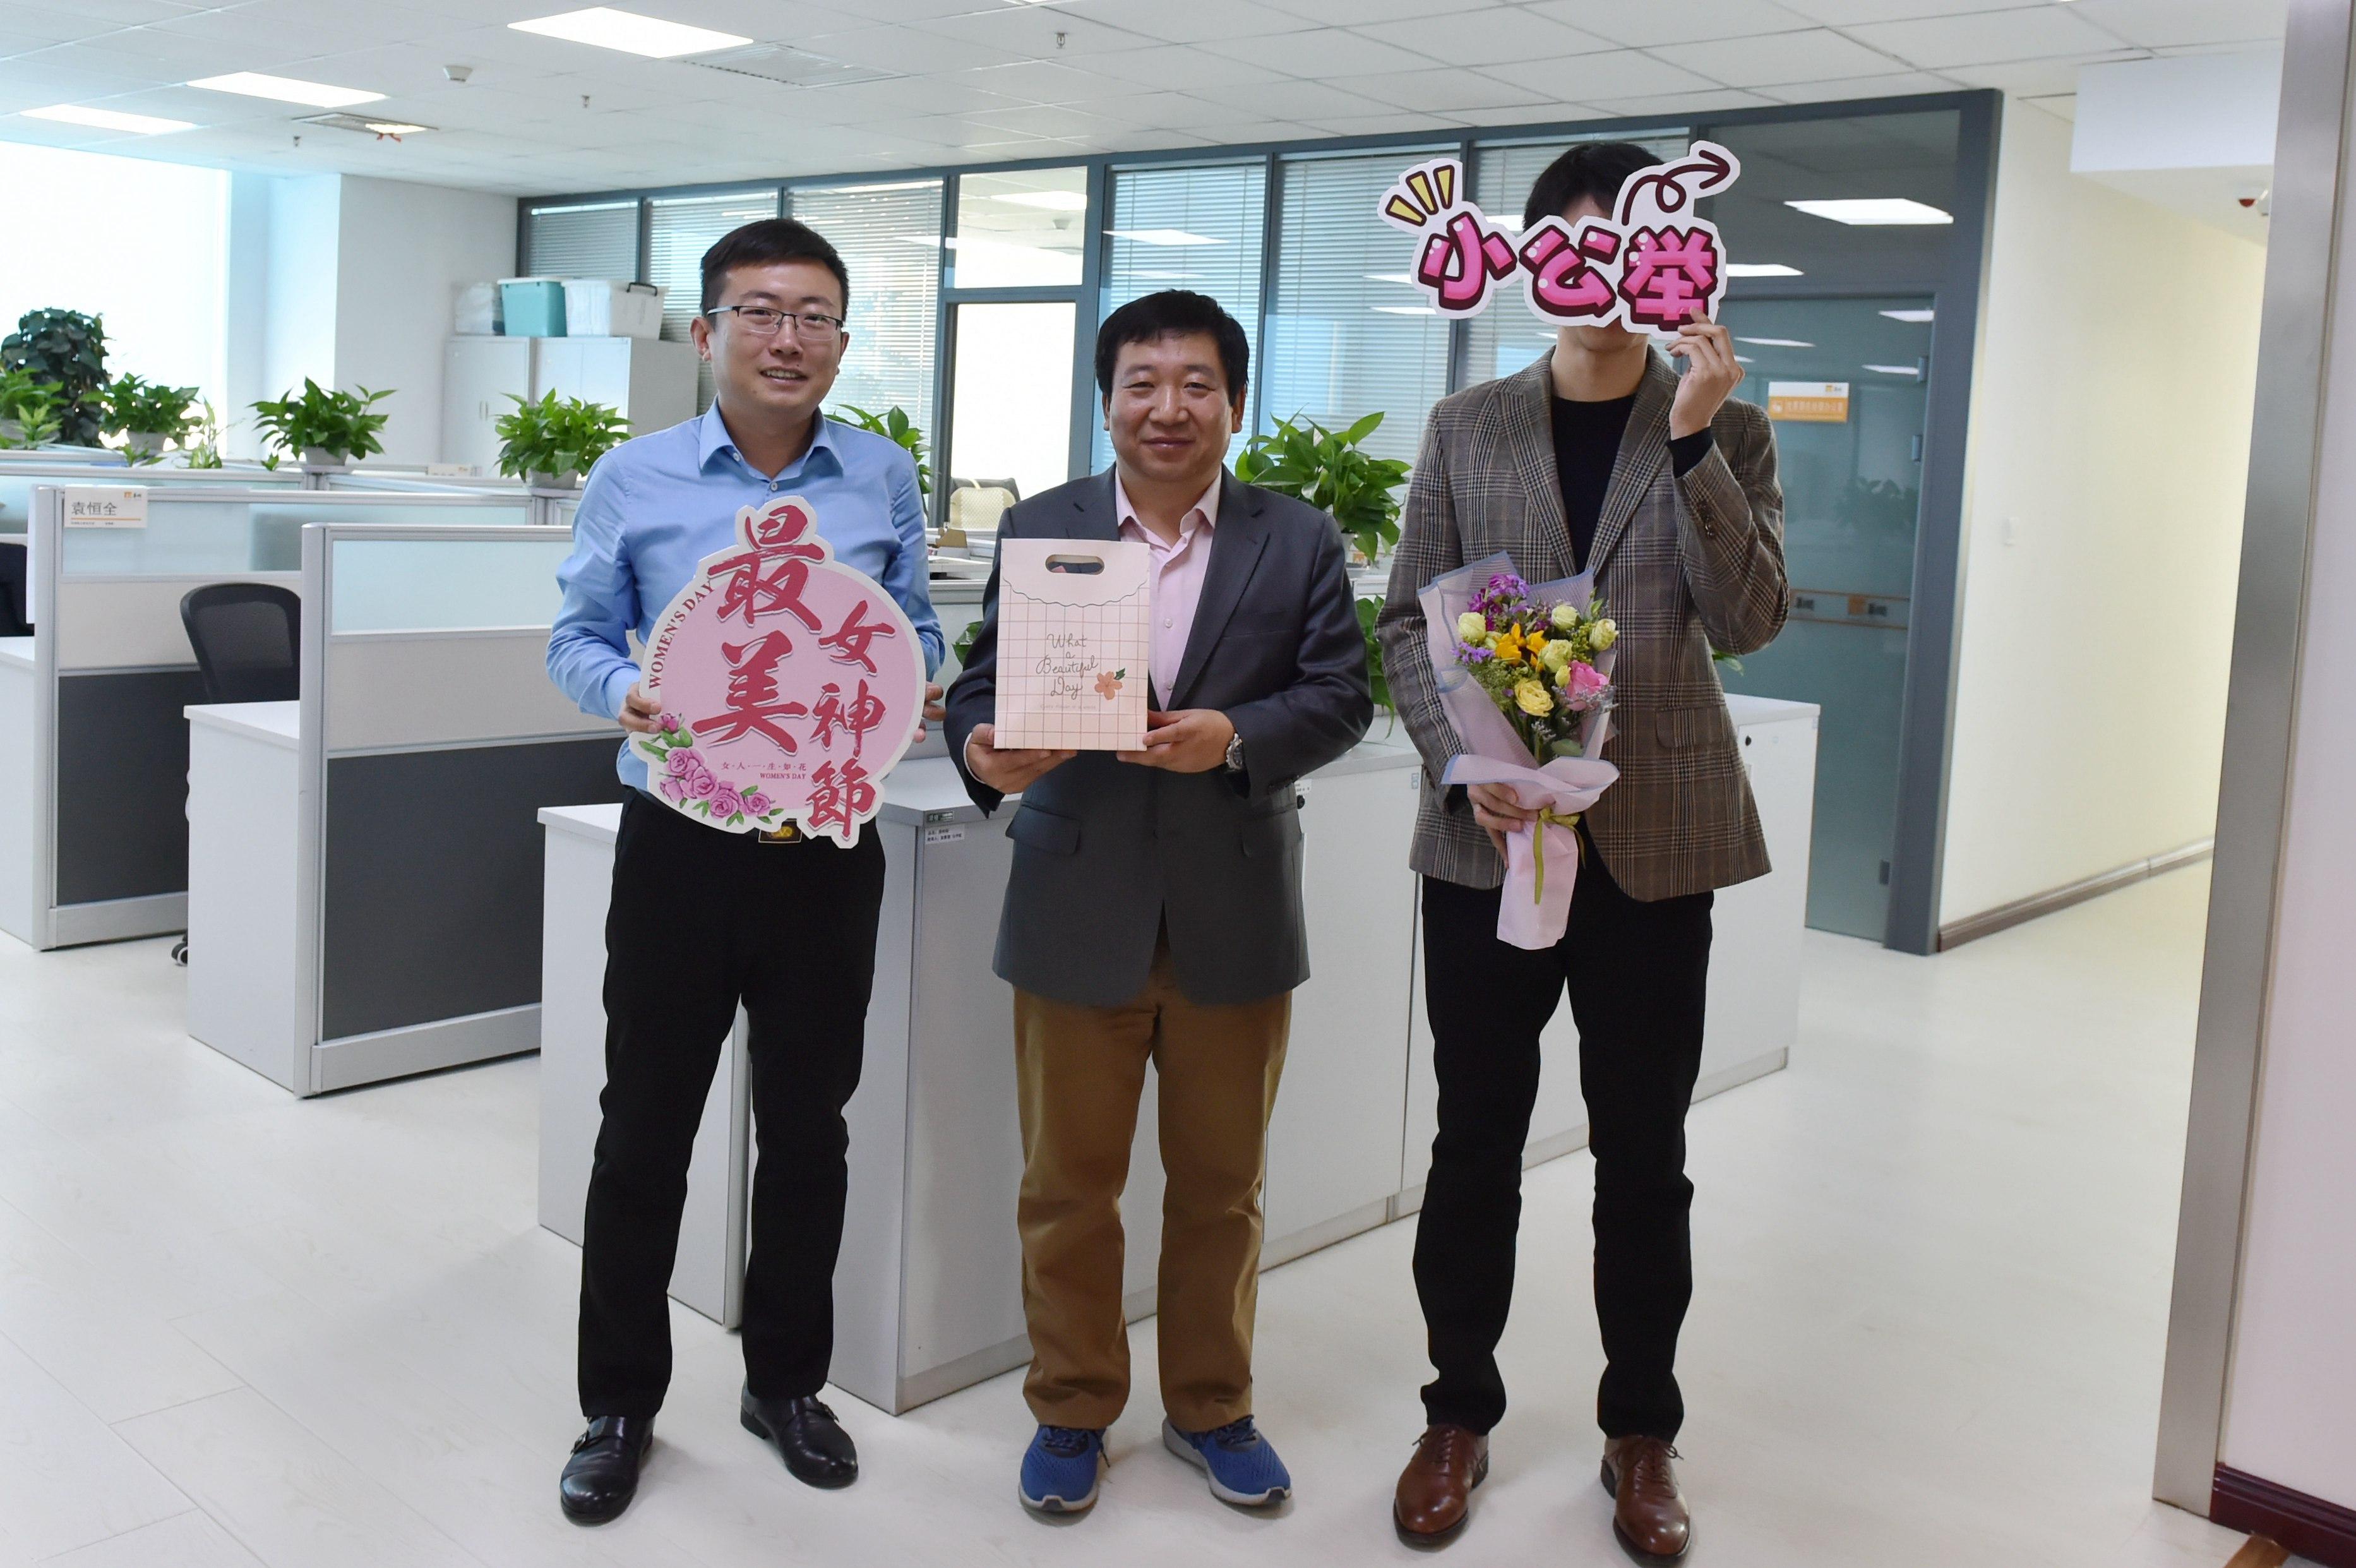 特色高朝动态图_公司动态 - 华润电力东北大区欢迎您